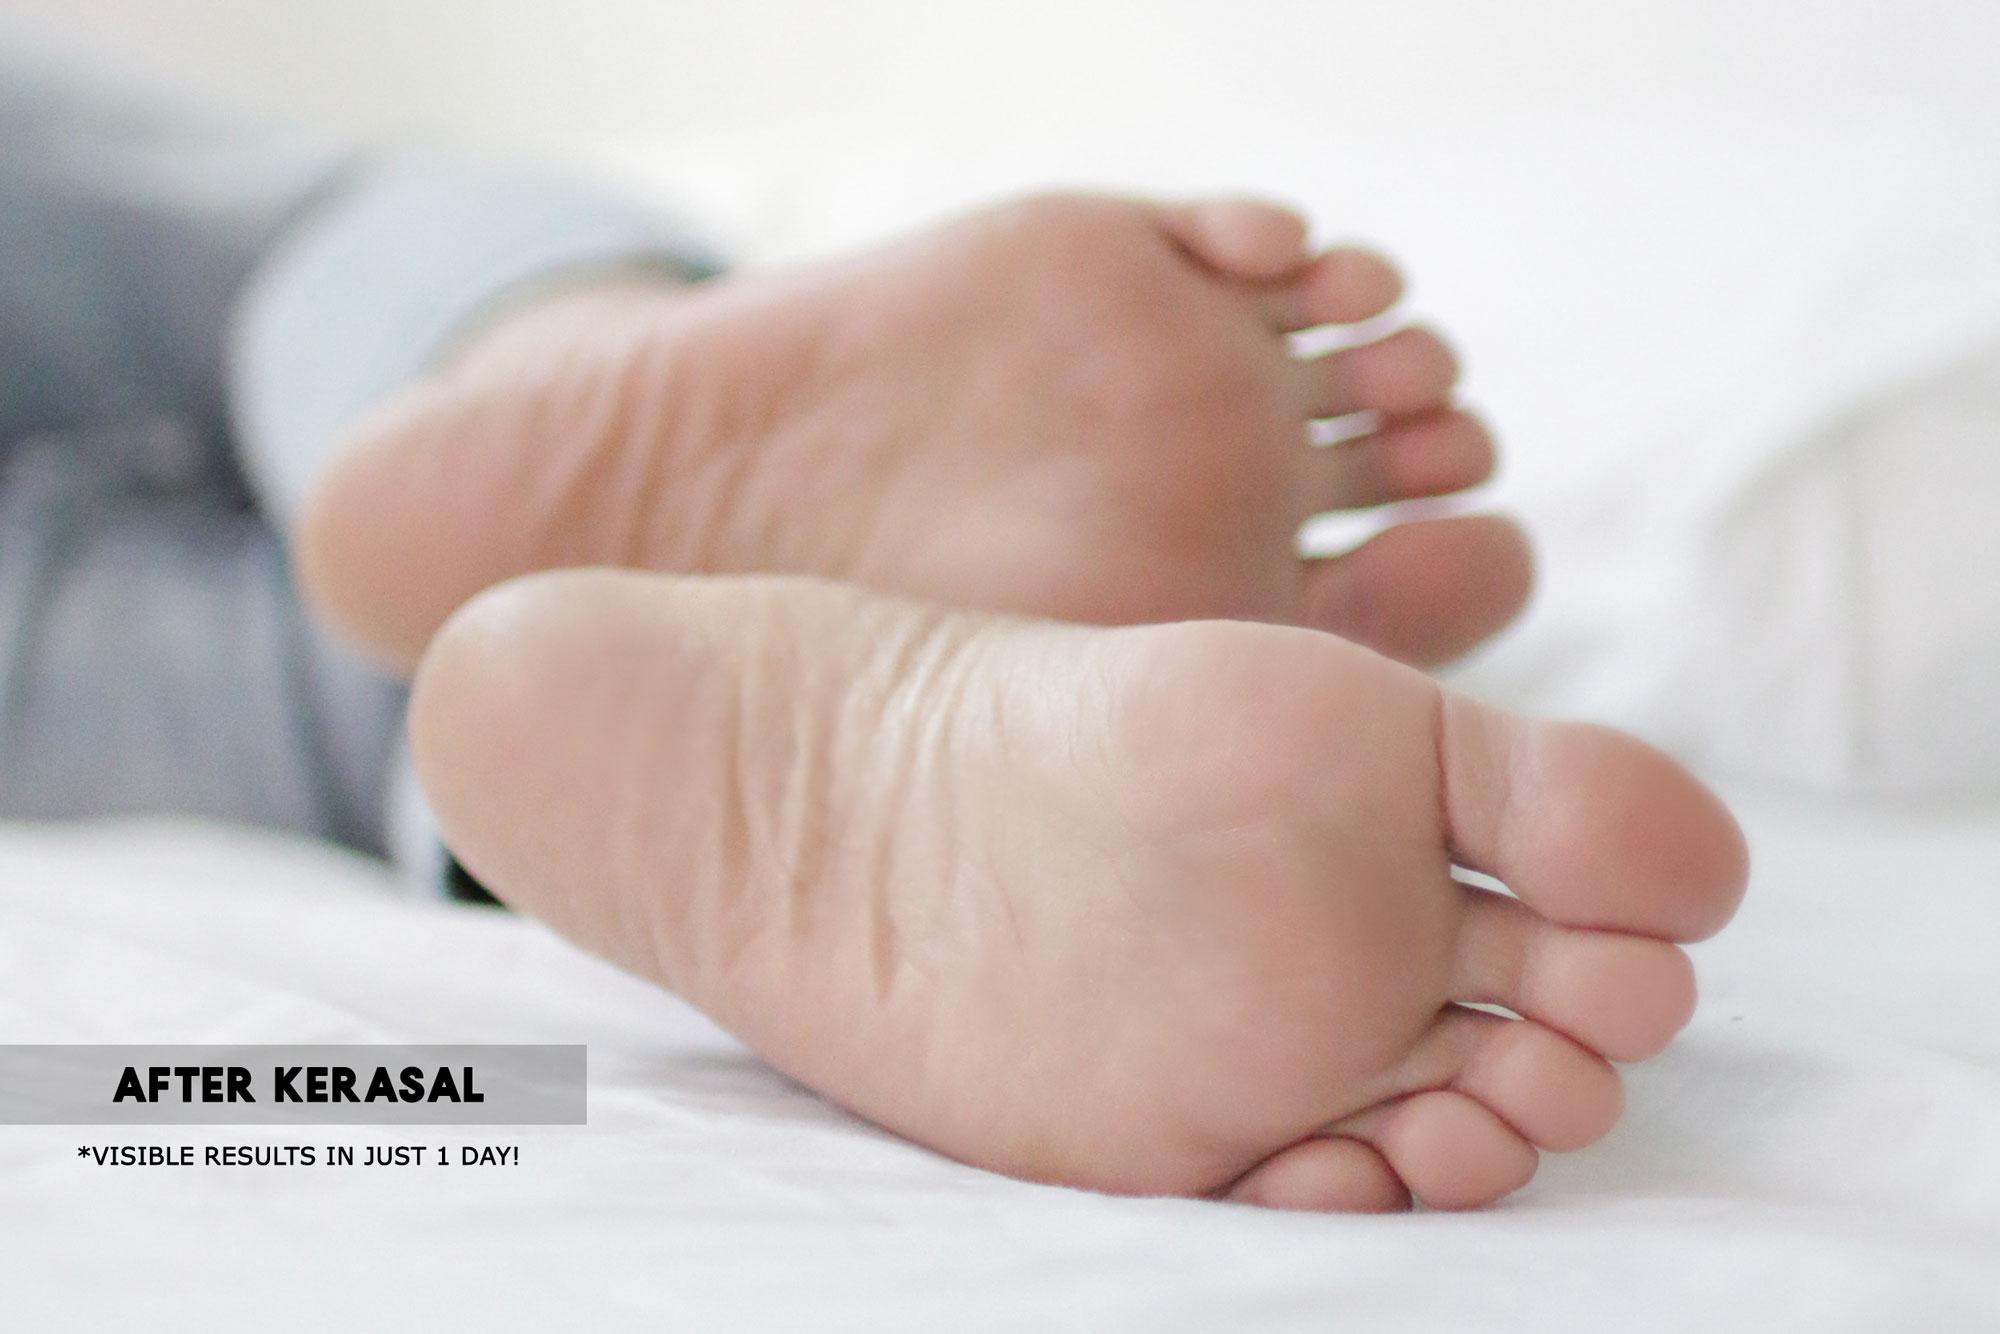 After Kerasal Intensive Foot Repair